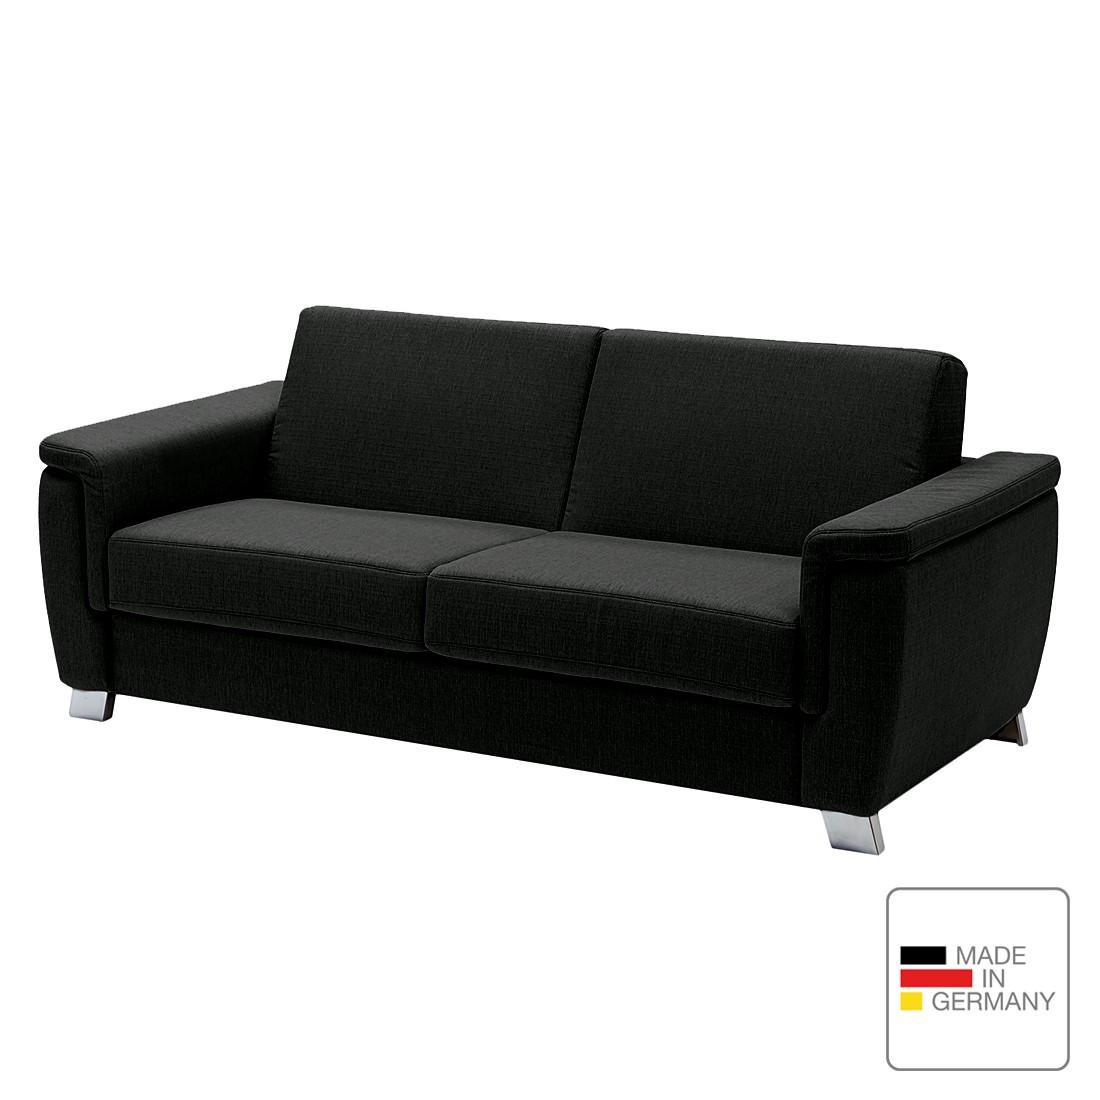 Schlafsofa Pidaro I – Webstoff – Kaltschaum – Schwarz – Breite Armlehne, Studio Monroe jetzt kaufen